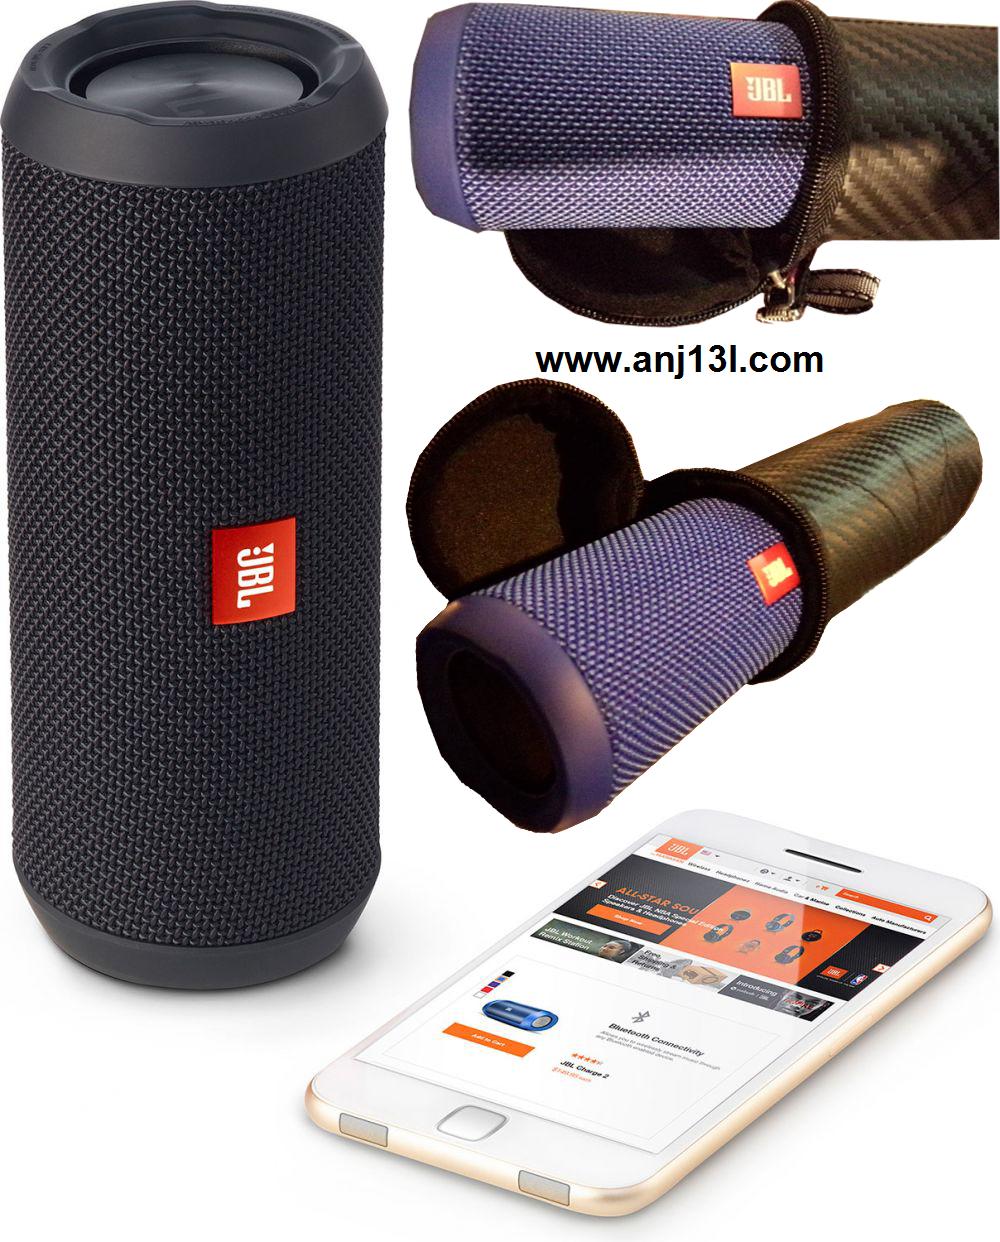 กระเป๋ากันน้ำสำหรับลำโพง JBL FLIP3 Bluetooth Speaker 450 บาทFREE EMS!!!